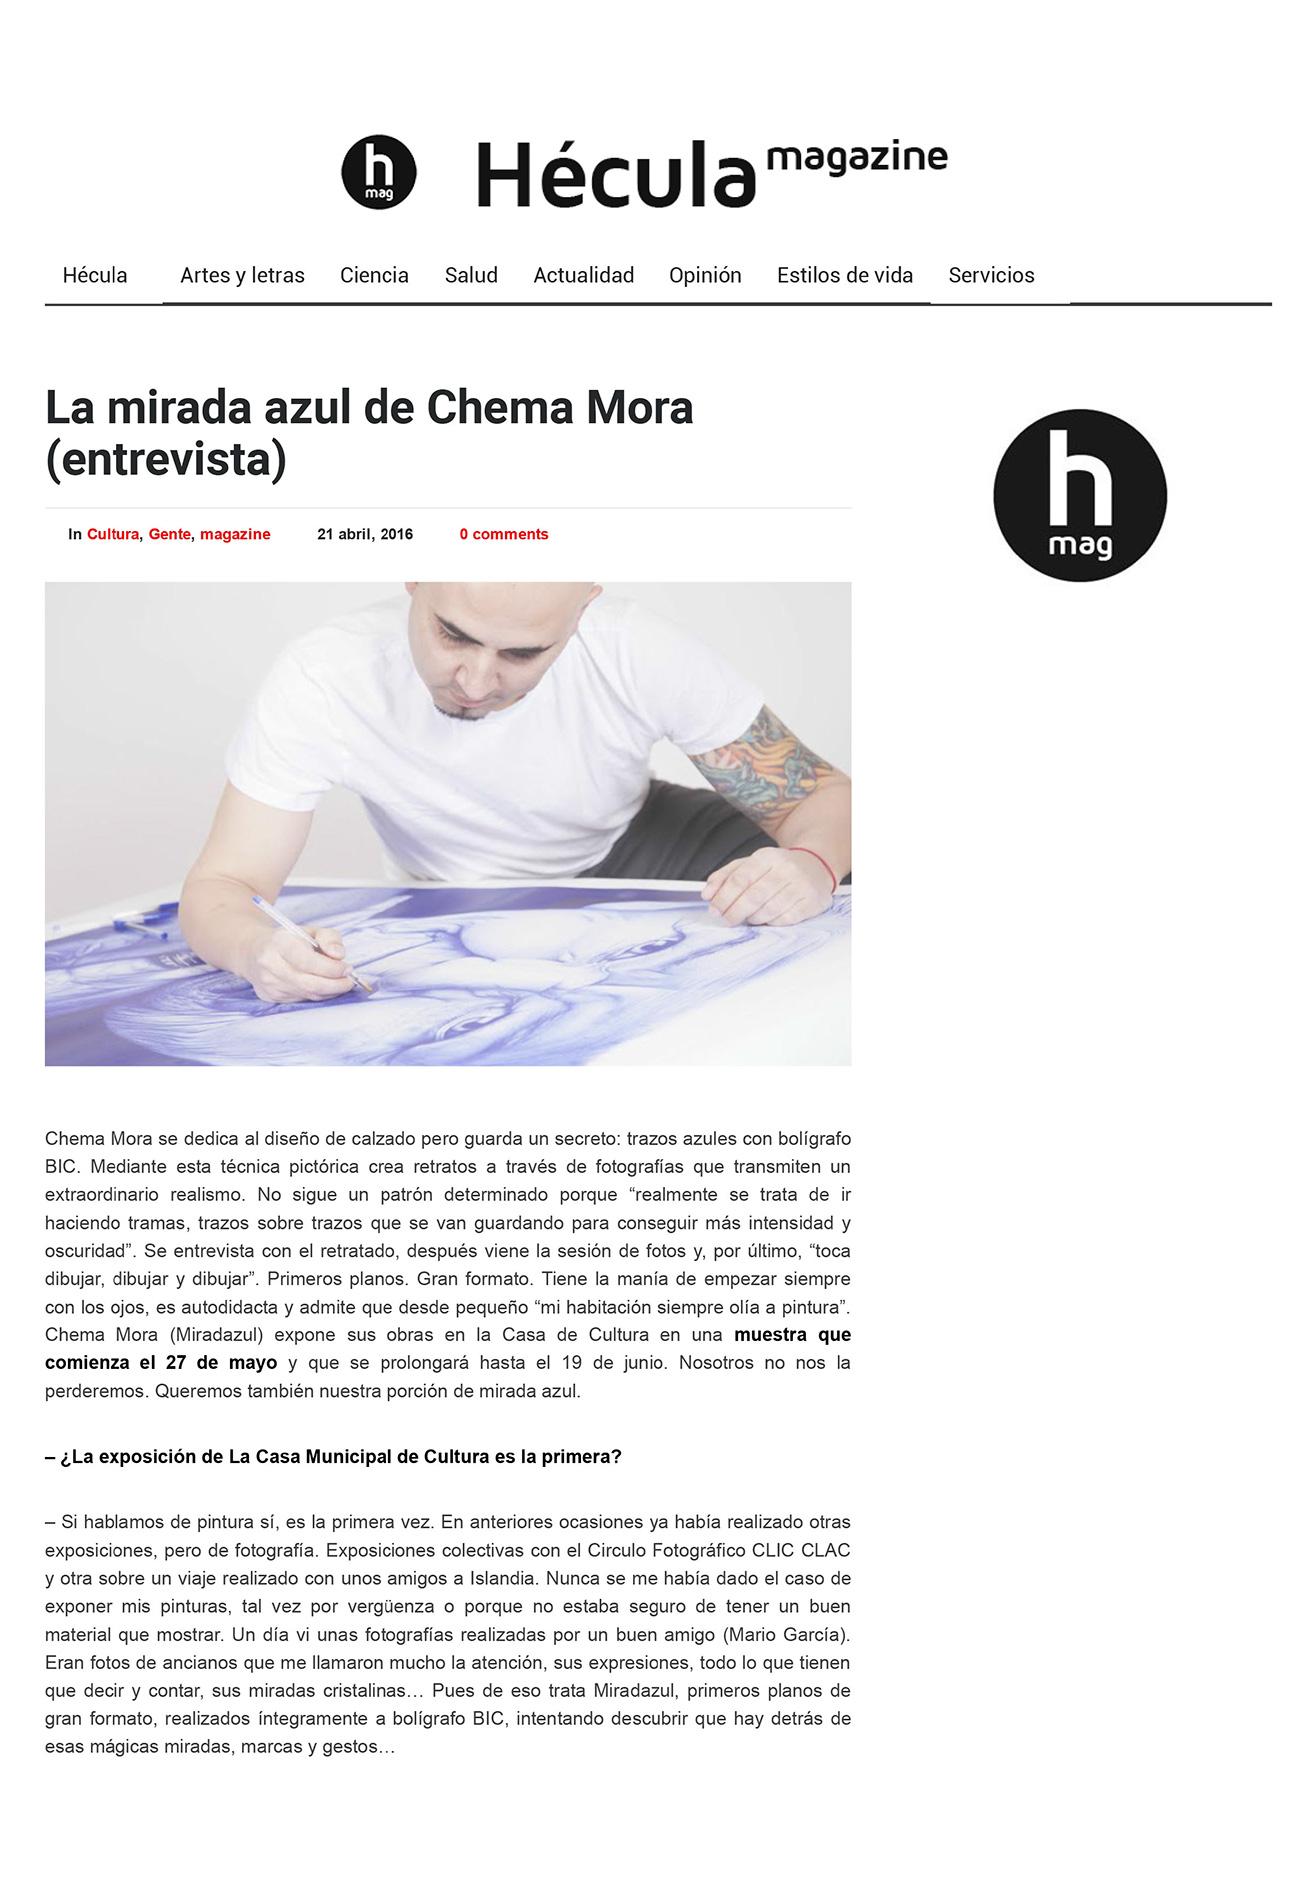 entrevista-hecula-magazine-mirada-a